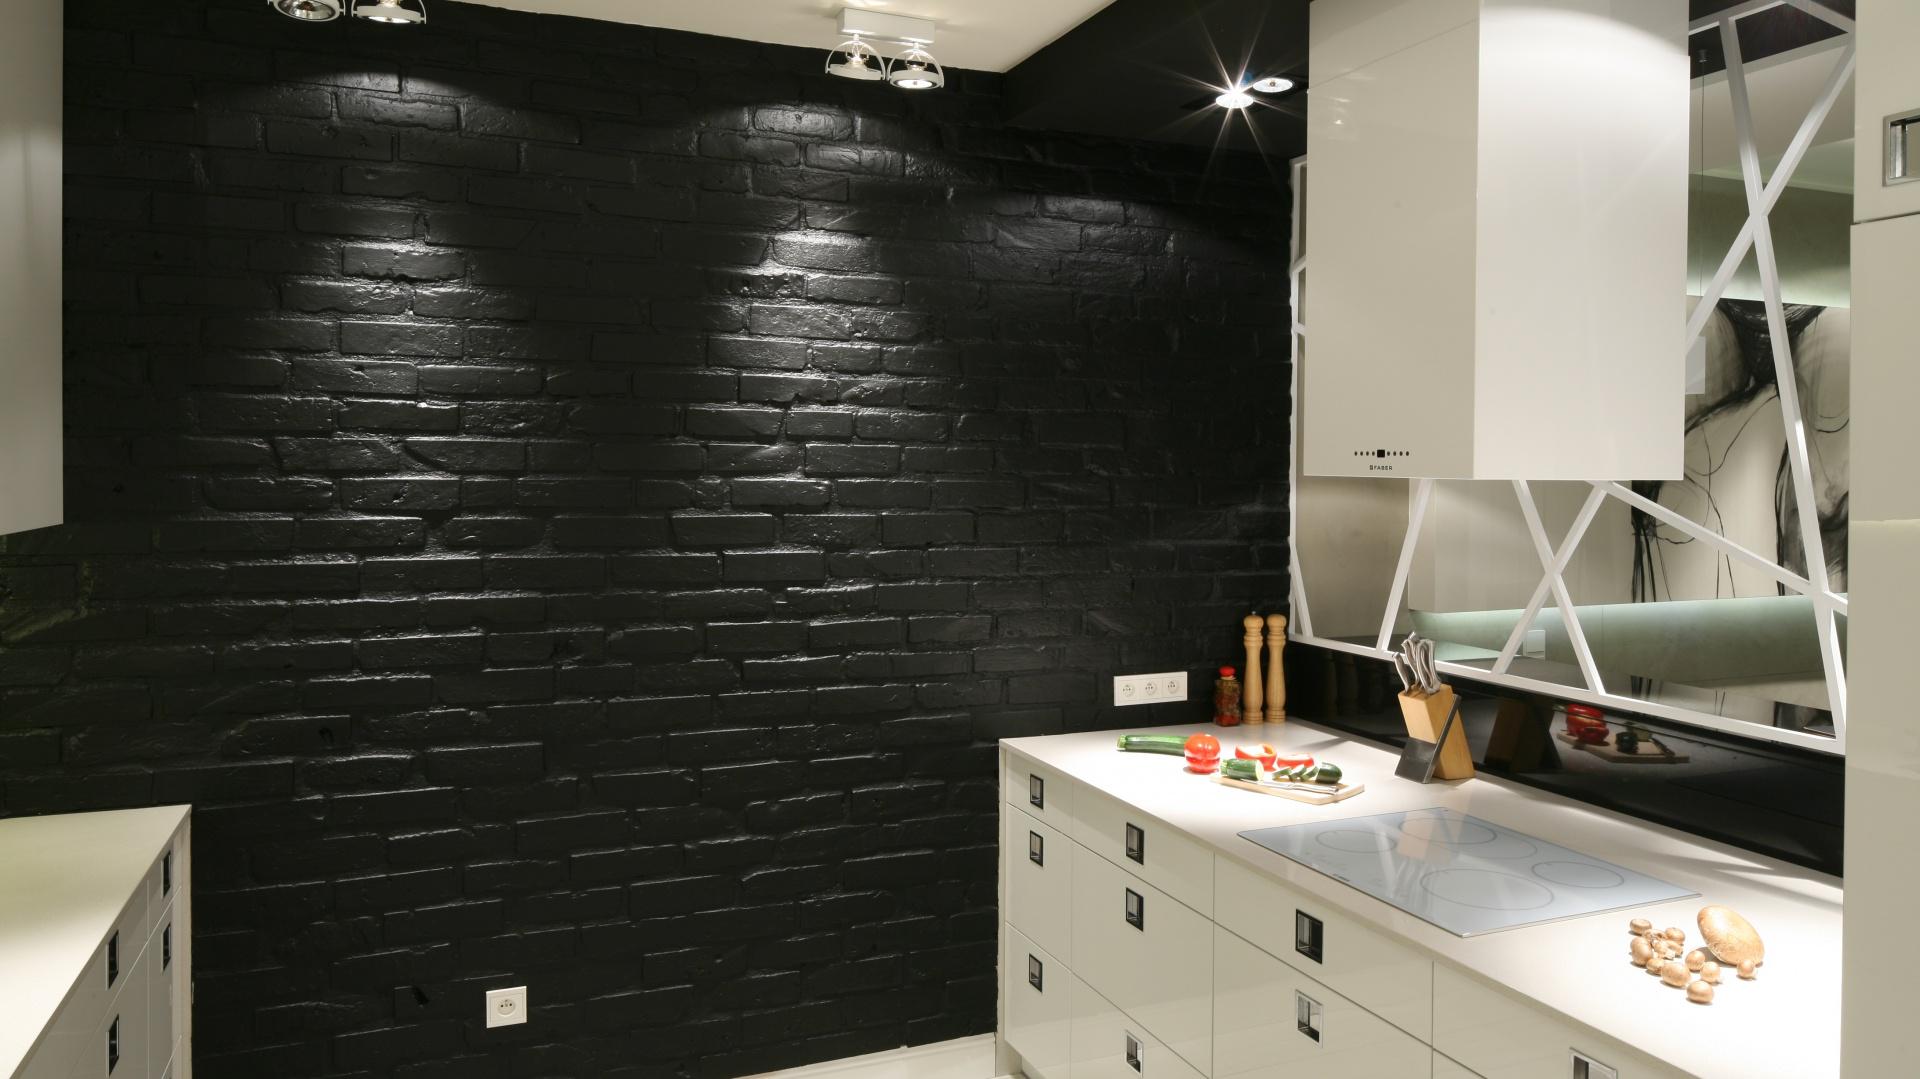 Kuchnię od salonu oddziela niezwykle efektowne przepierzenie, zlokalizowane nad blatem z płytka kuchenną. Projekt: Dominik Respondek. Fot. Bartosz Jarosz.